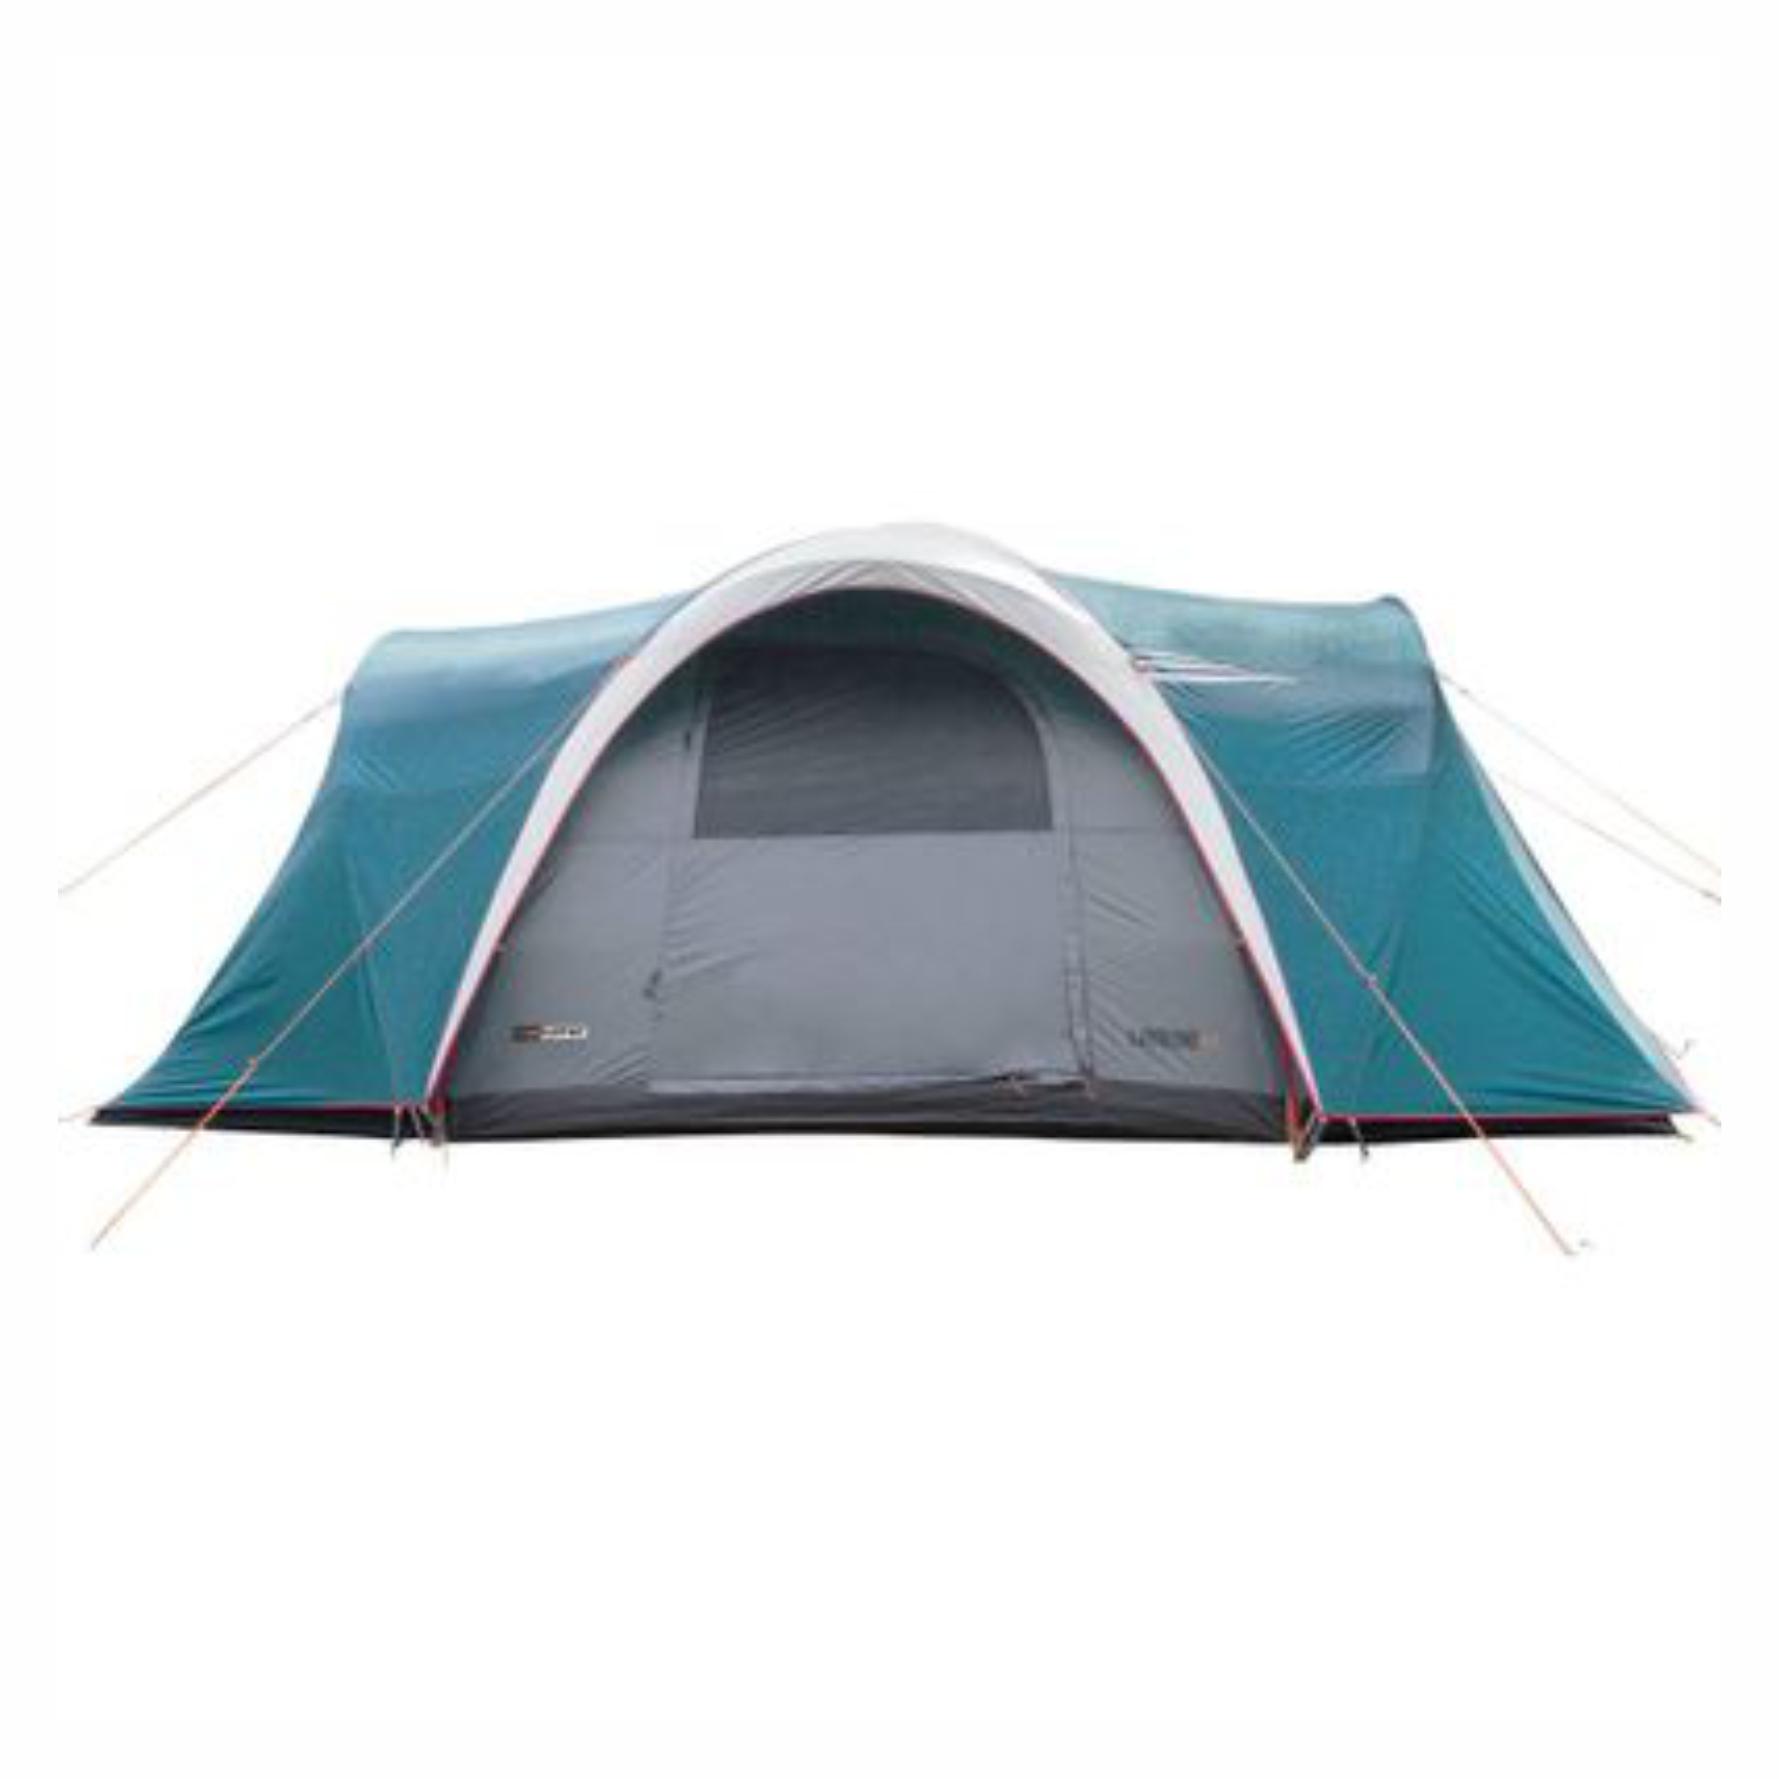 Barraca de Camping NTK Laredo 8/9 pessoas